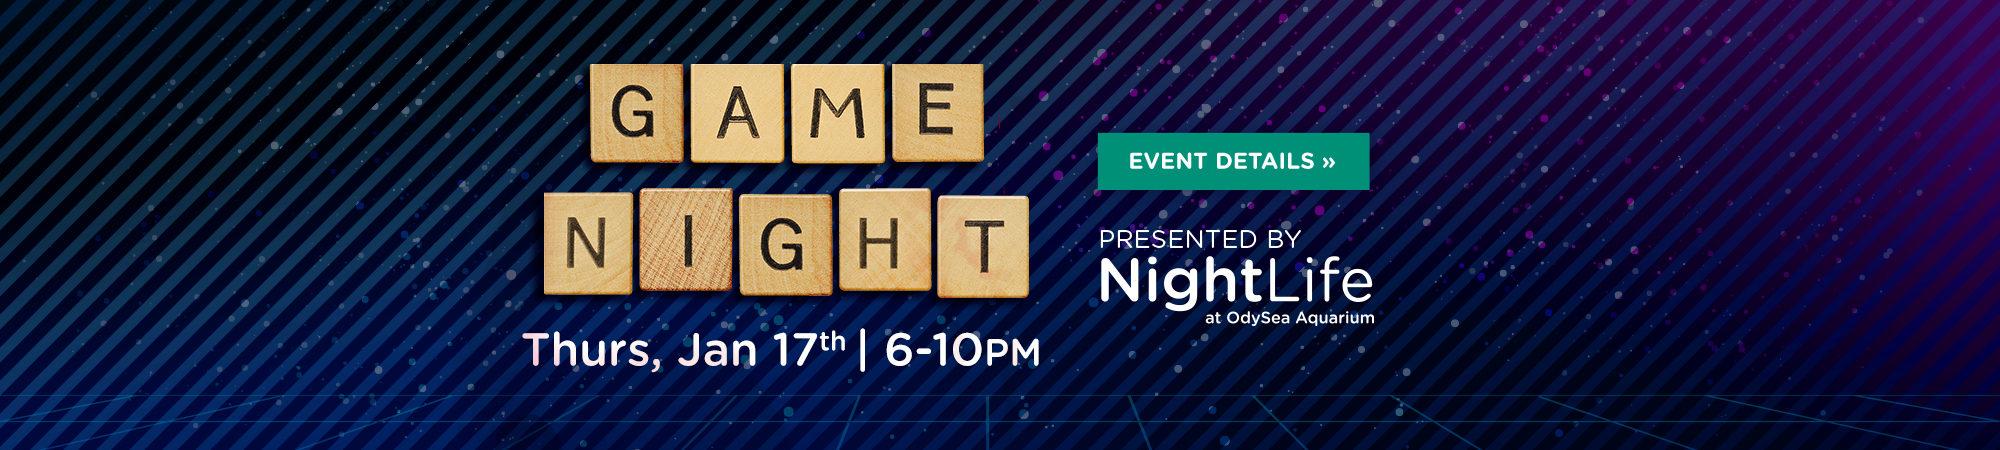 NightLife- GameNight